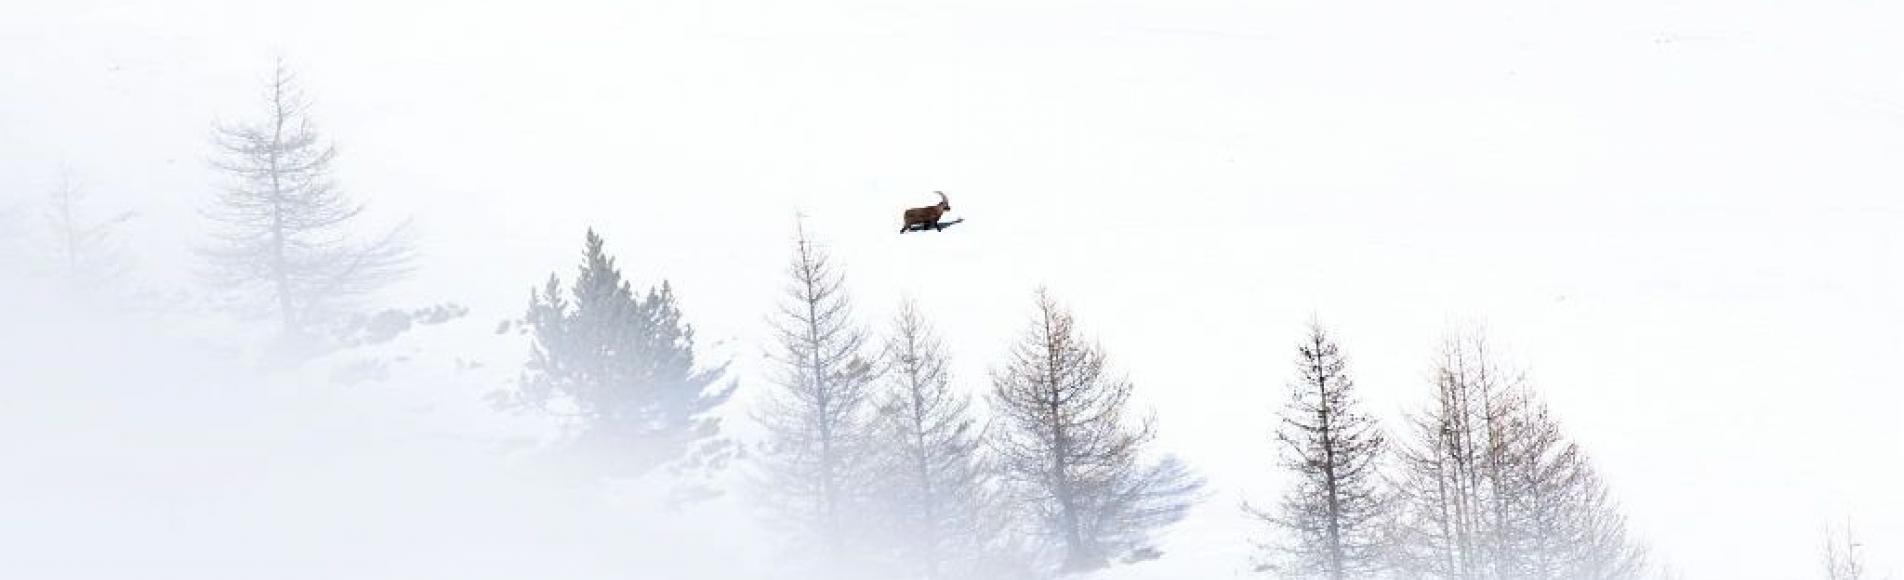 Bouquetin en hiver dans la neige - © T. Maillet - PNE